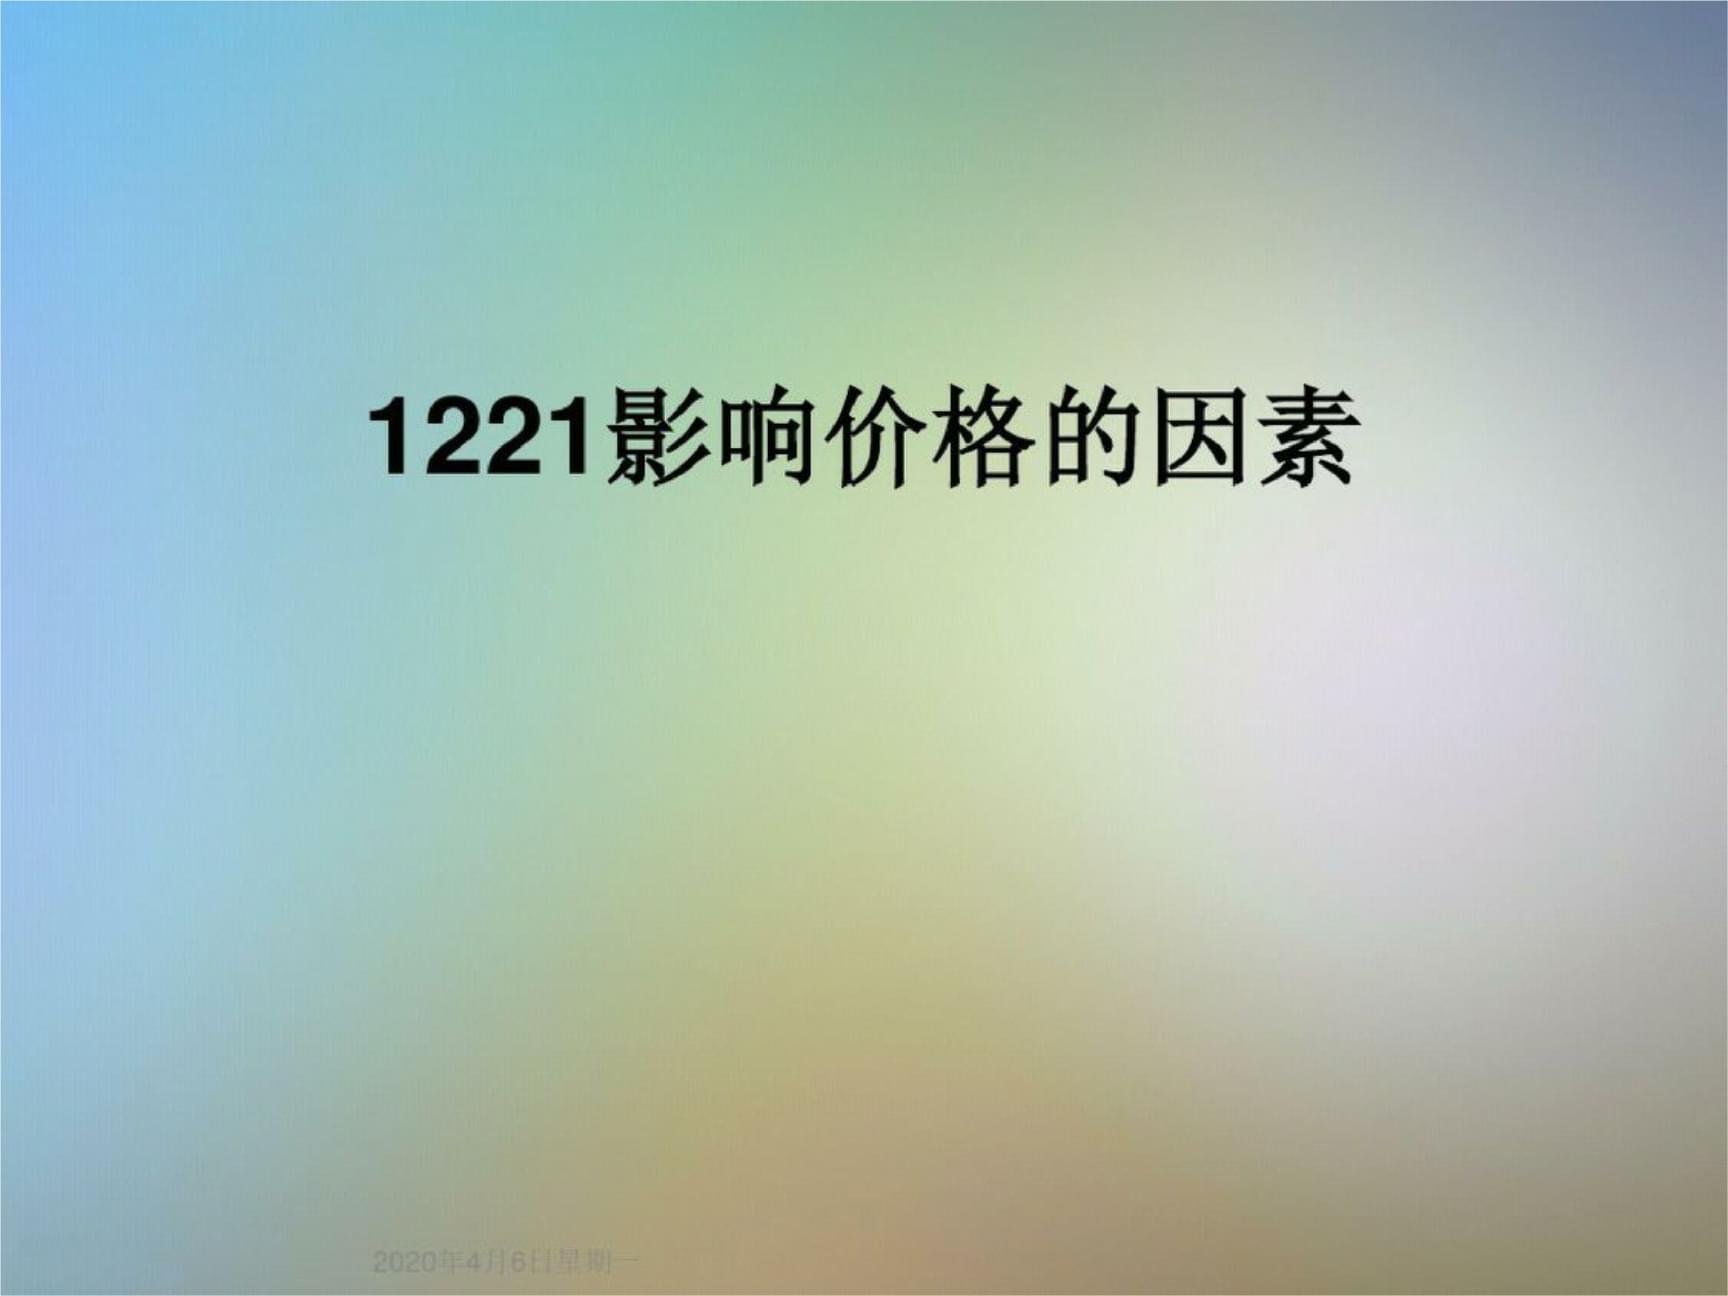 1221影响价格的因素-完整版.pptx